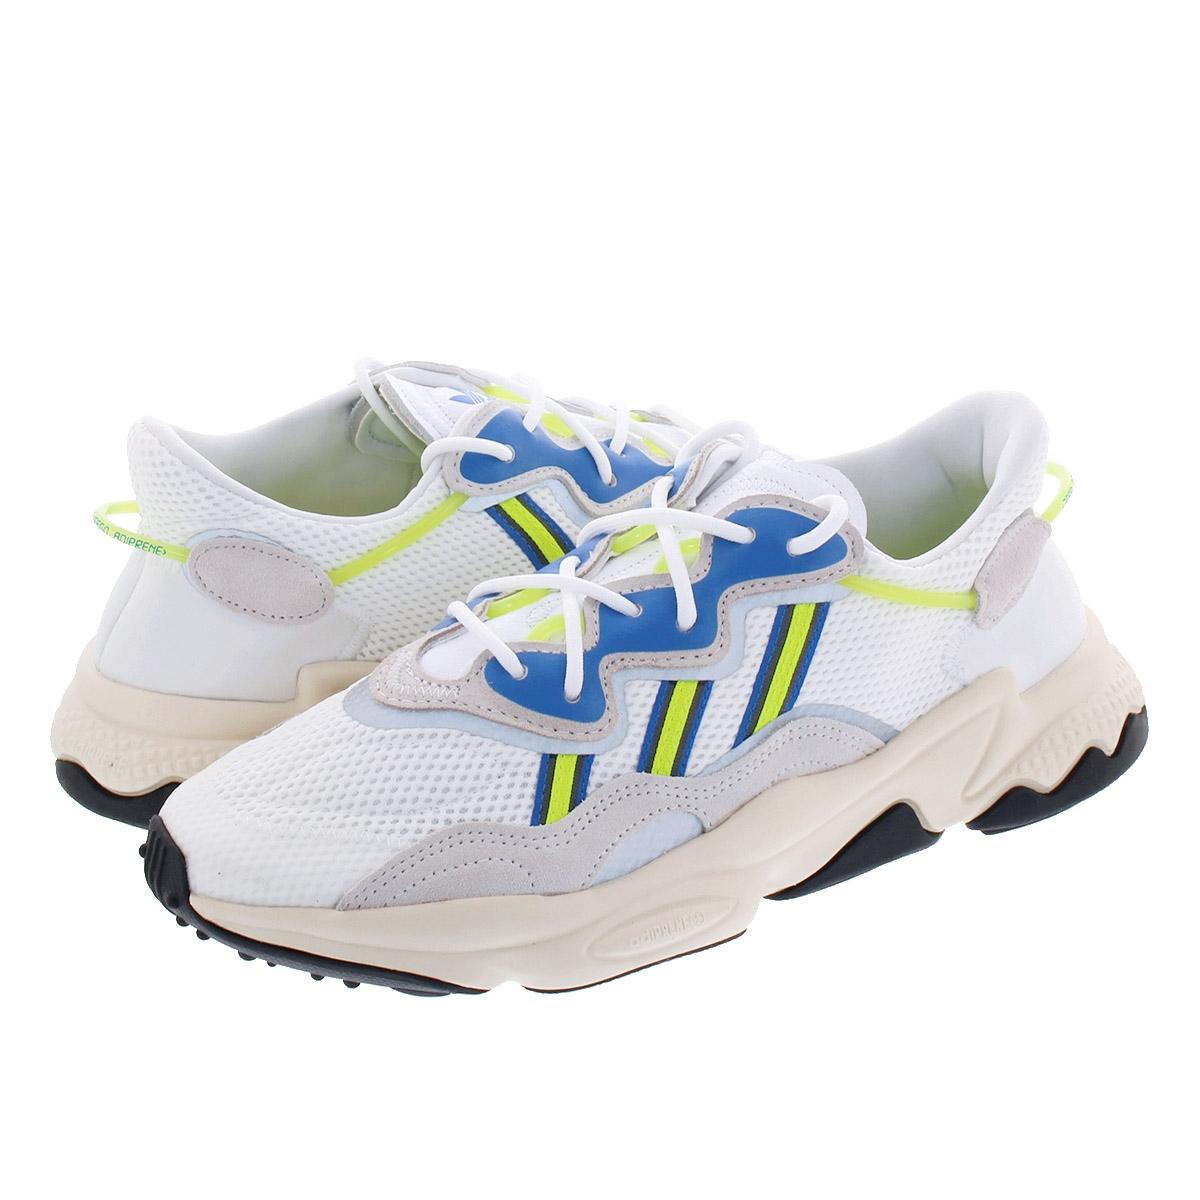 【毎日がお得!値下げプライス】 adidas OZWEEGO アディダス オズウィーゴ RUNNING WHITE/GREY/SOLAR YELLOW ee7009